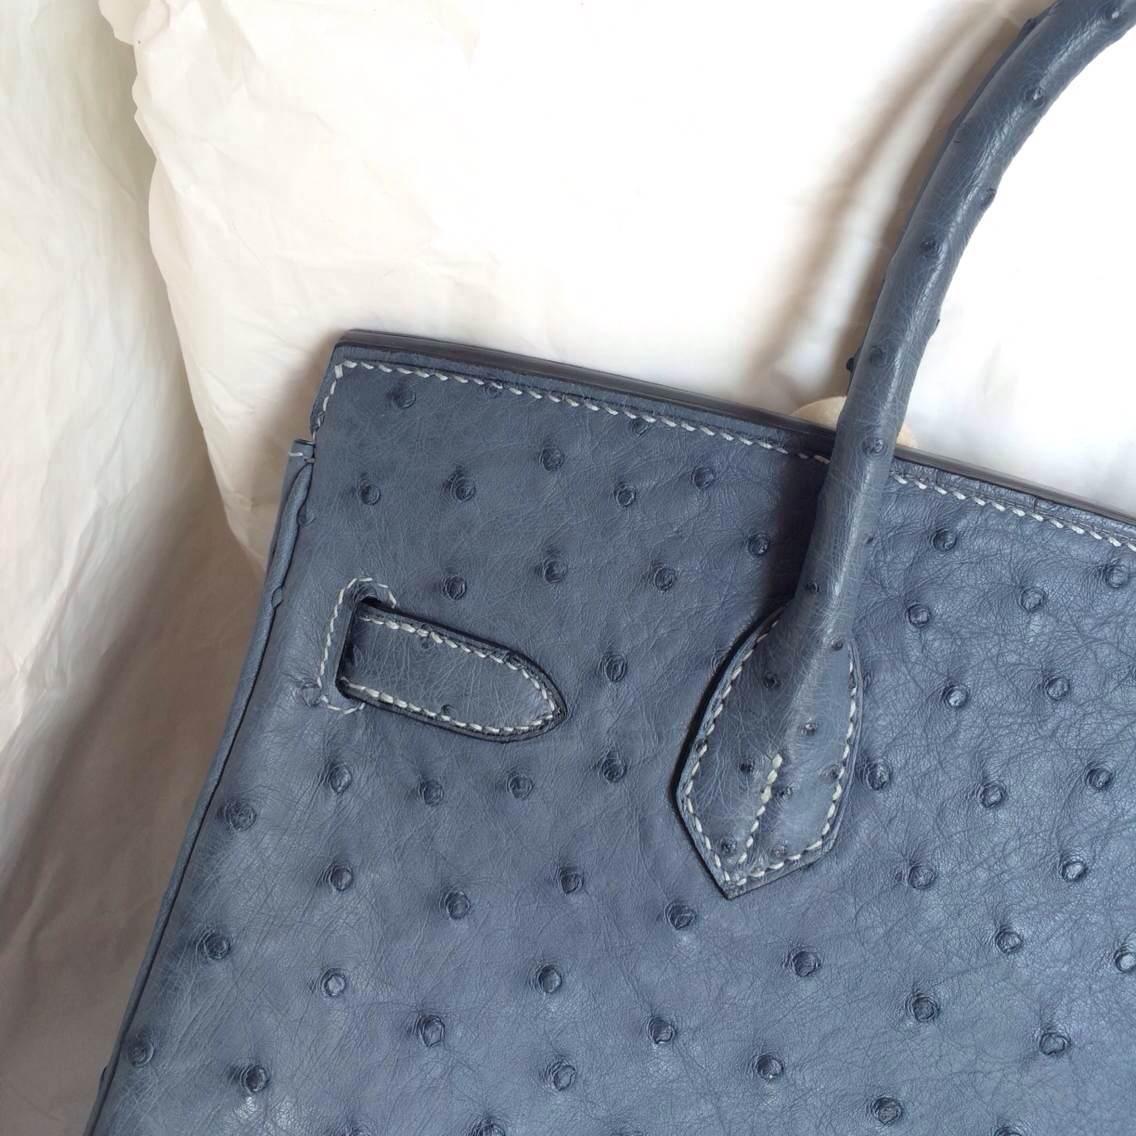 Wholesale Hand Stitching Hermes Birkin Bag 7Y Blue Orage Ostrich Leather